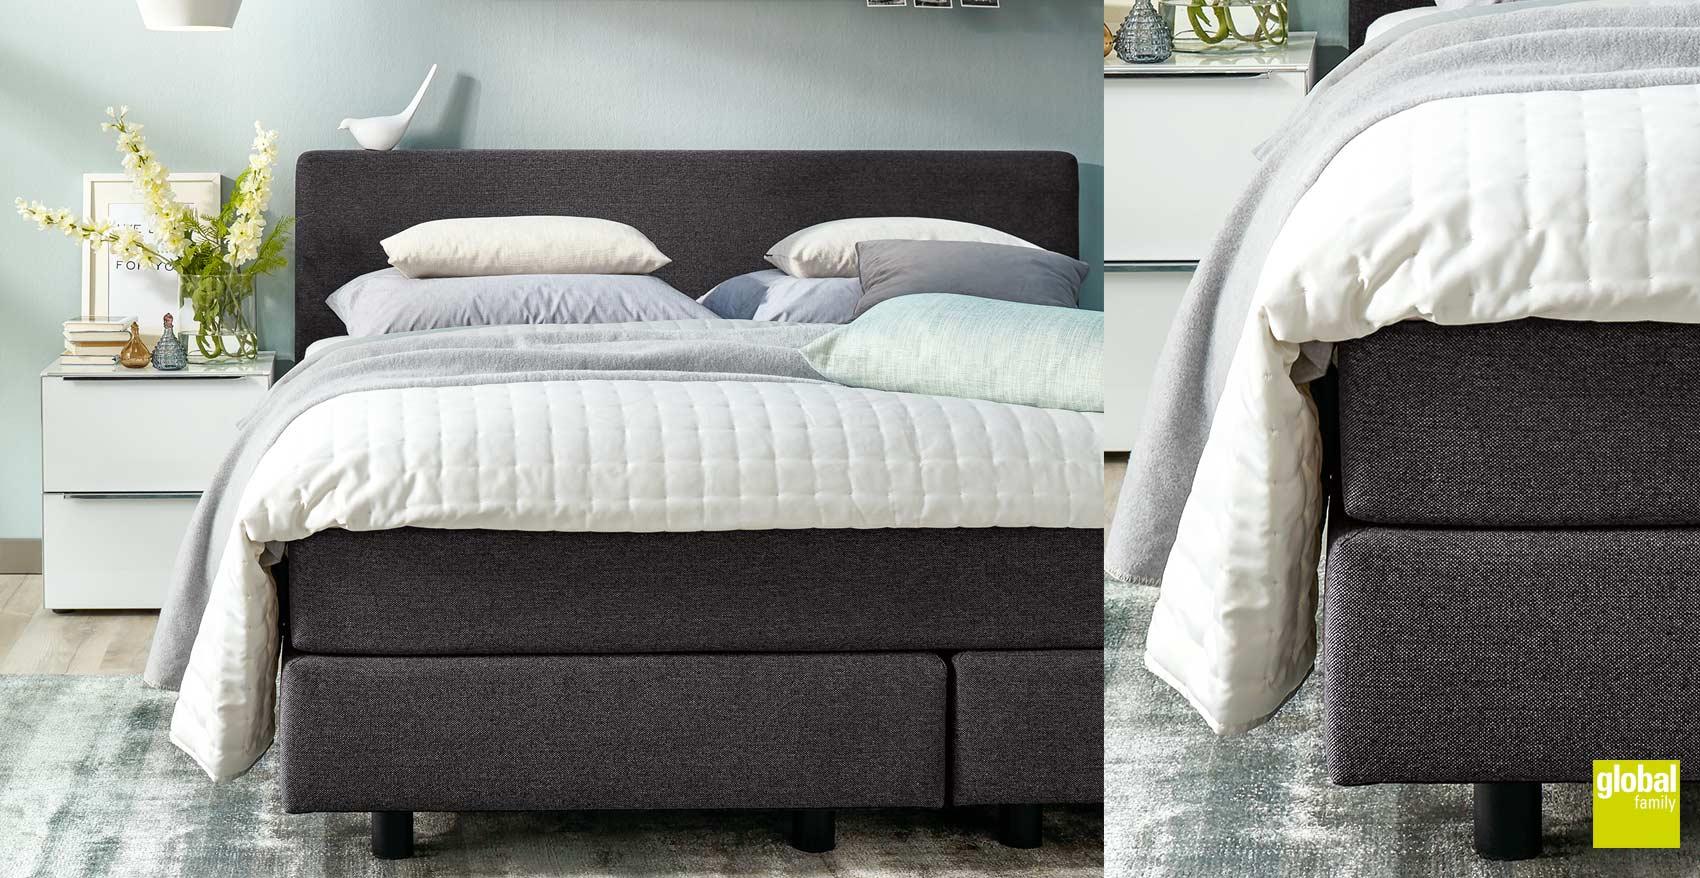 global valencia basic von global wohnen in rehling nahe augsburg m bel raschke. Black Bedroom Furniture Sets. Home Design Ideas